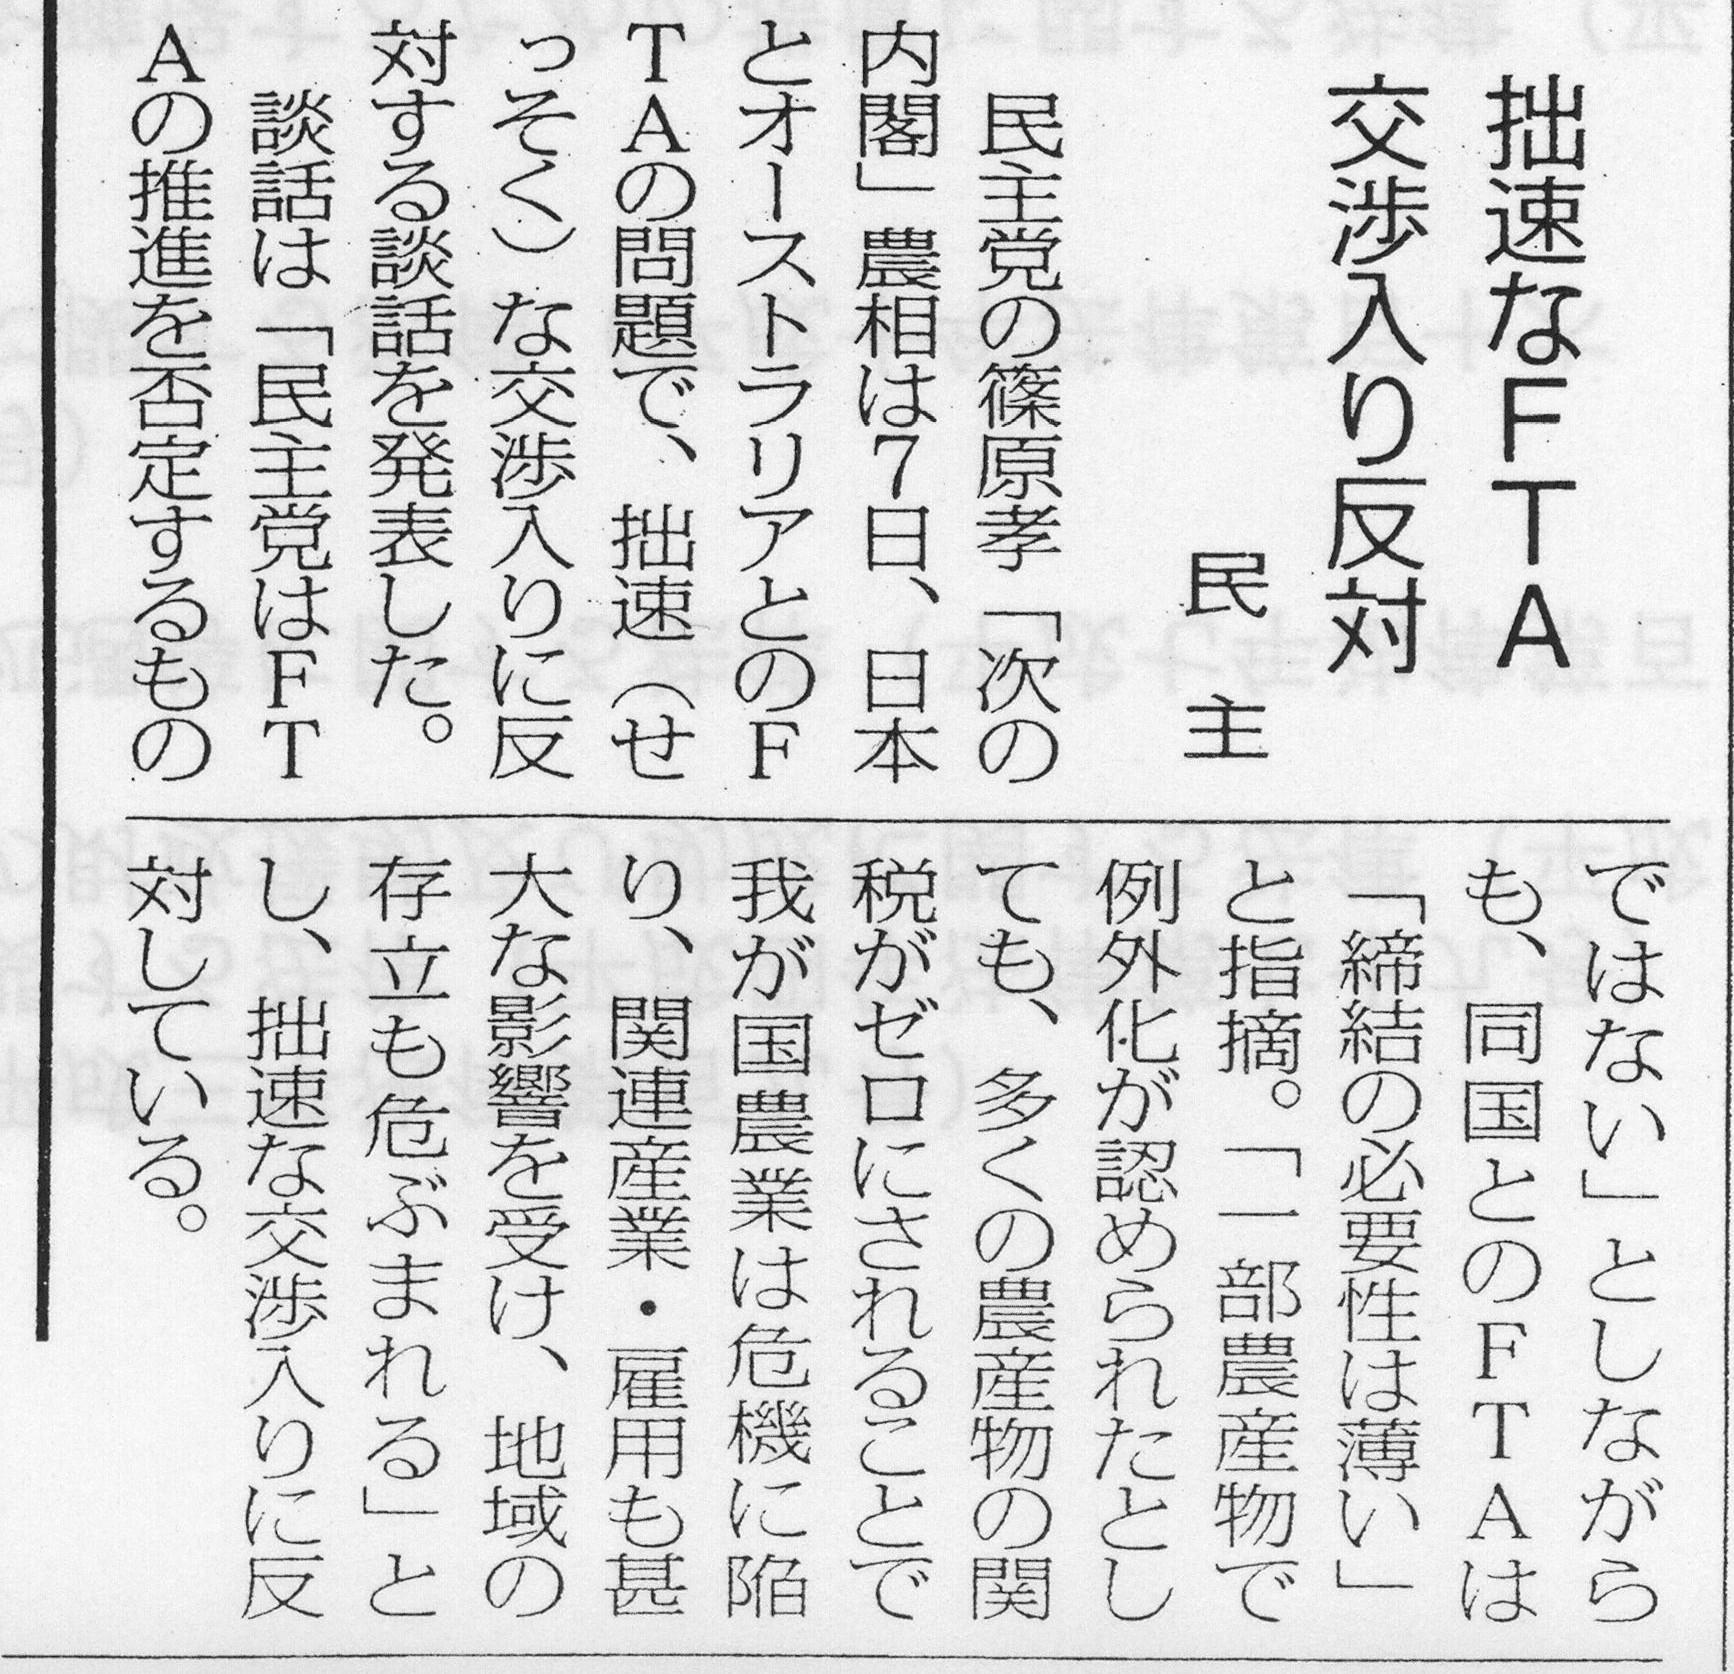 061208農業新聞.jpg